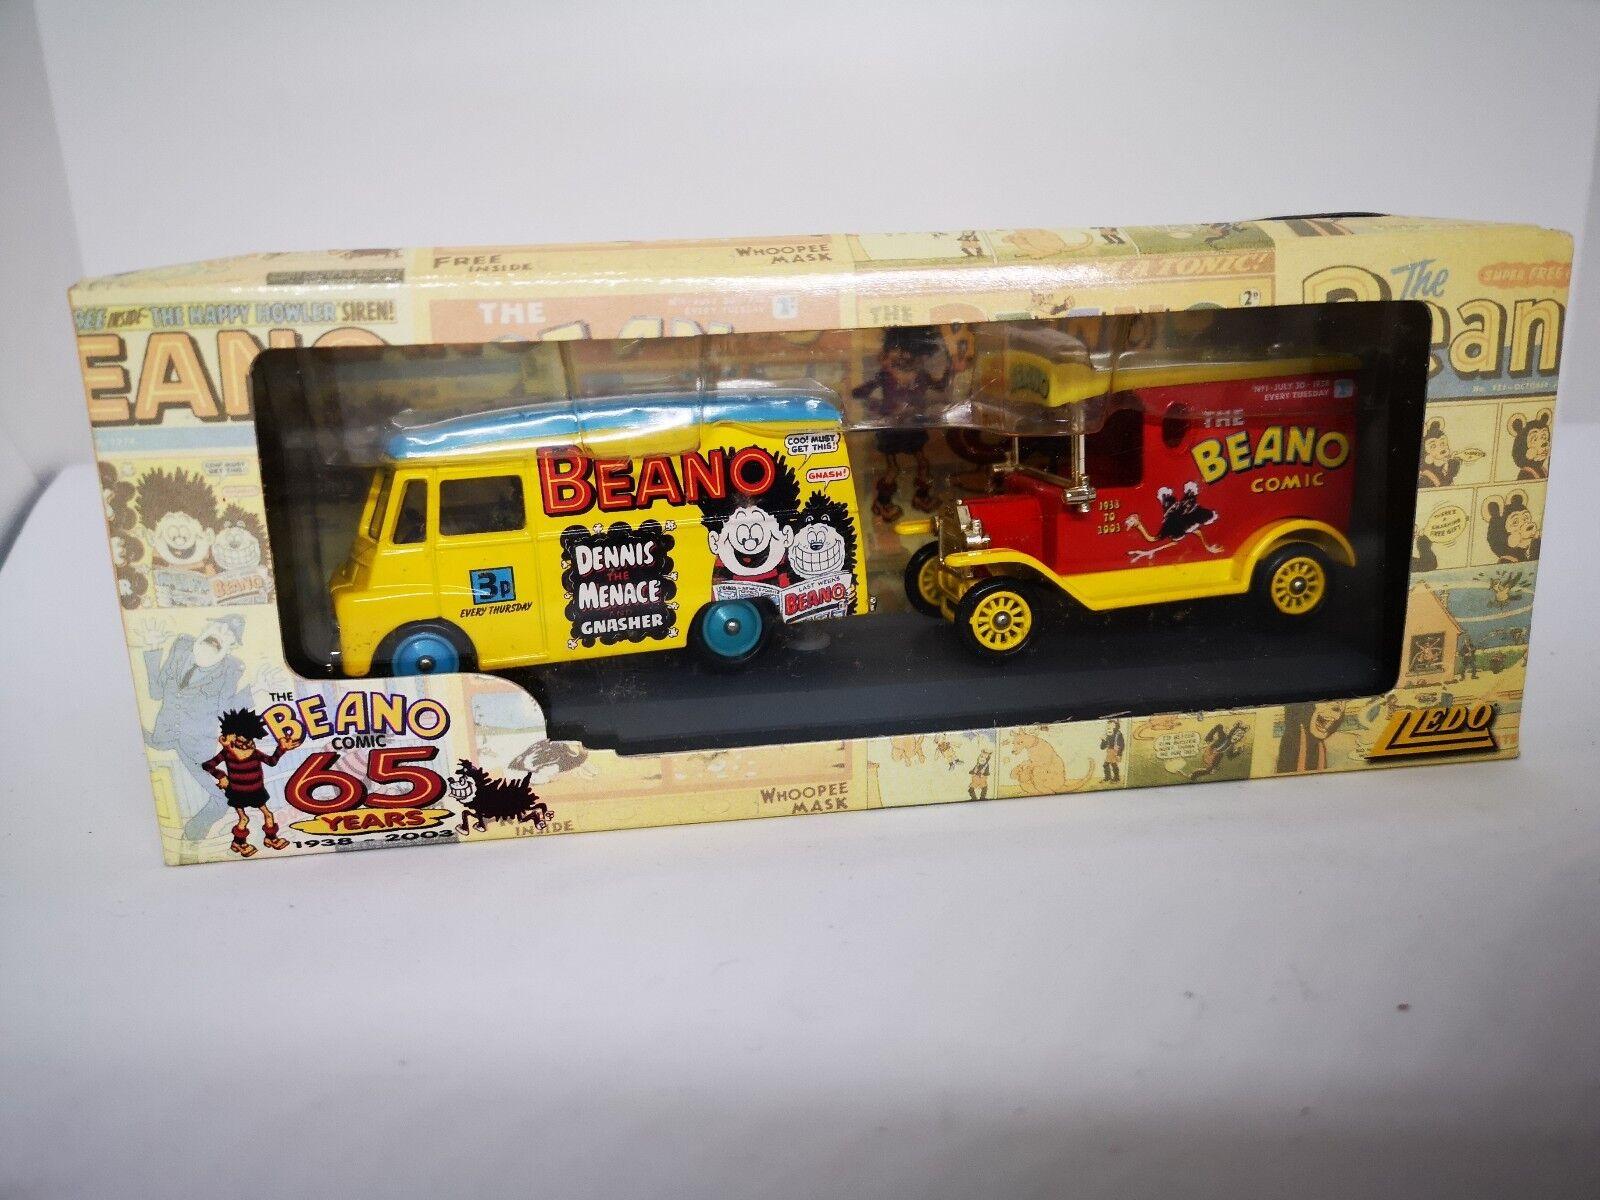 Lledo BN1002 The Beano Comic 65 Years 1938 - 2003 - 2 Vans - (Never opened)